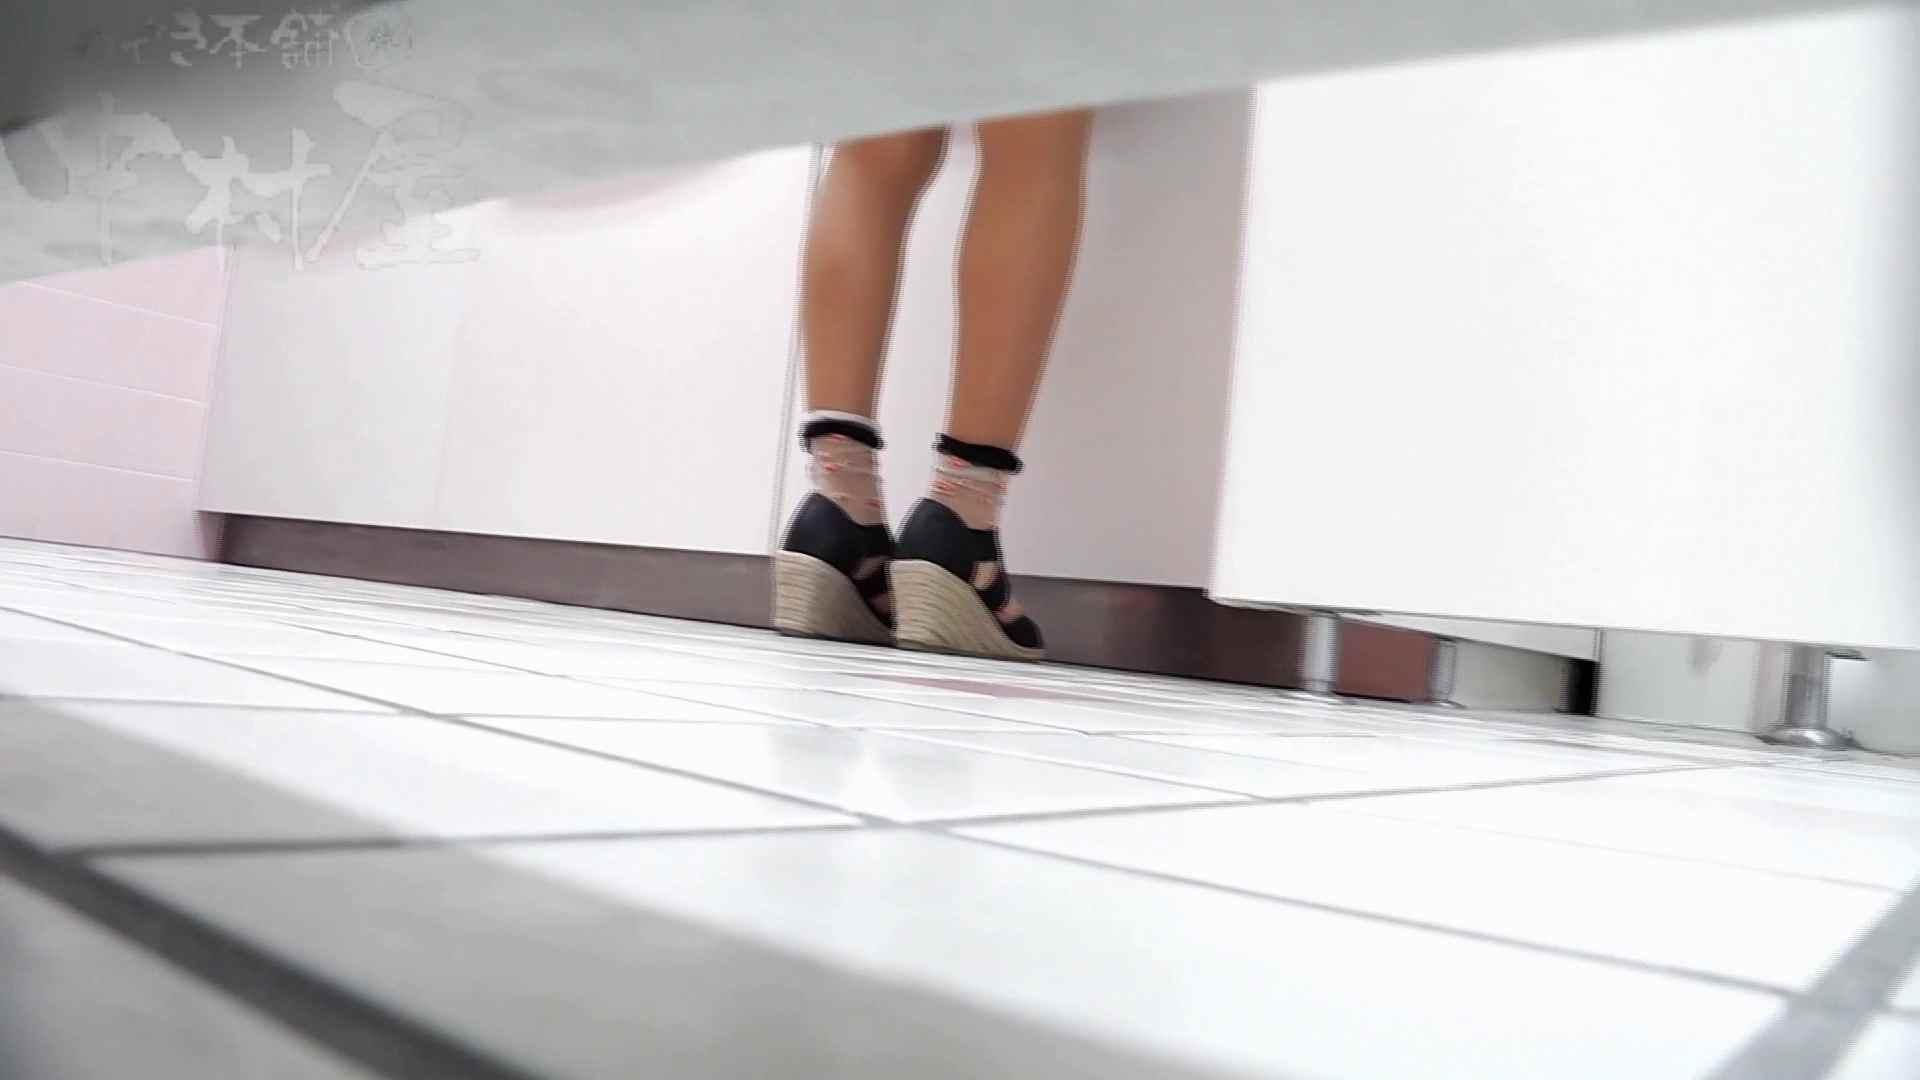 美しい日本の未来 No.35 最長時間更新更に強者登場 女子トイレ編 オマンコ無修正動画無料 108PIX 25